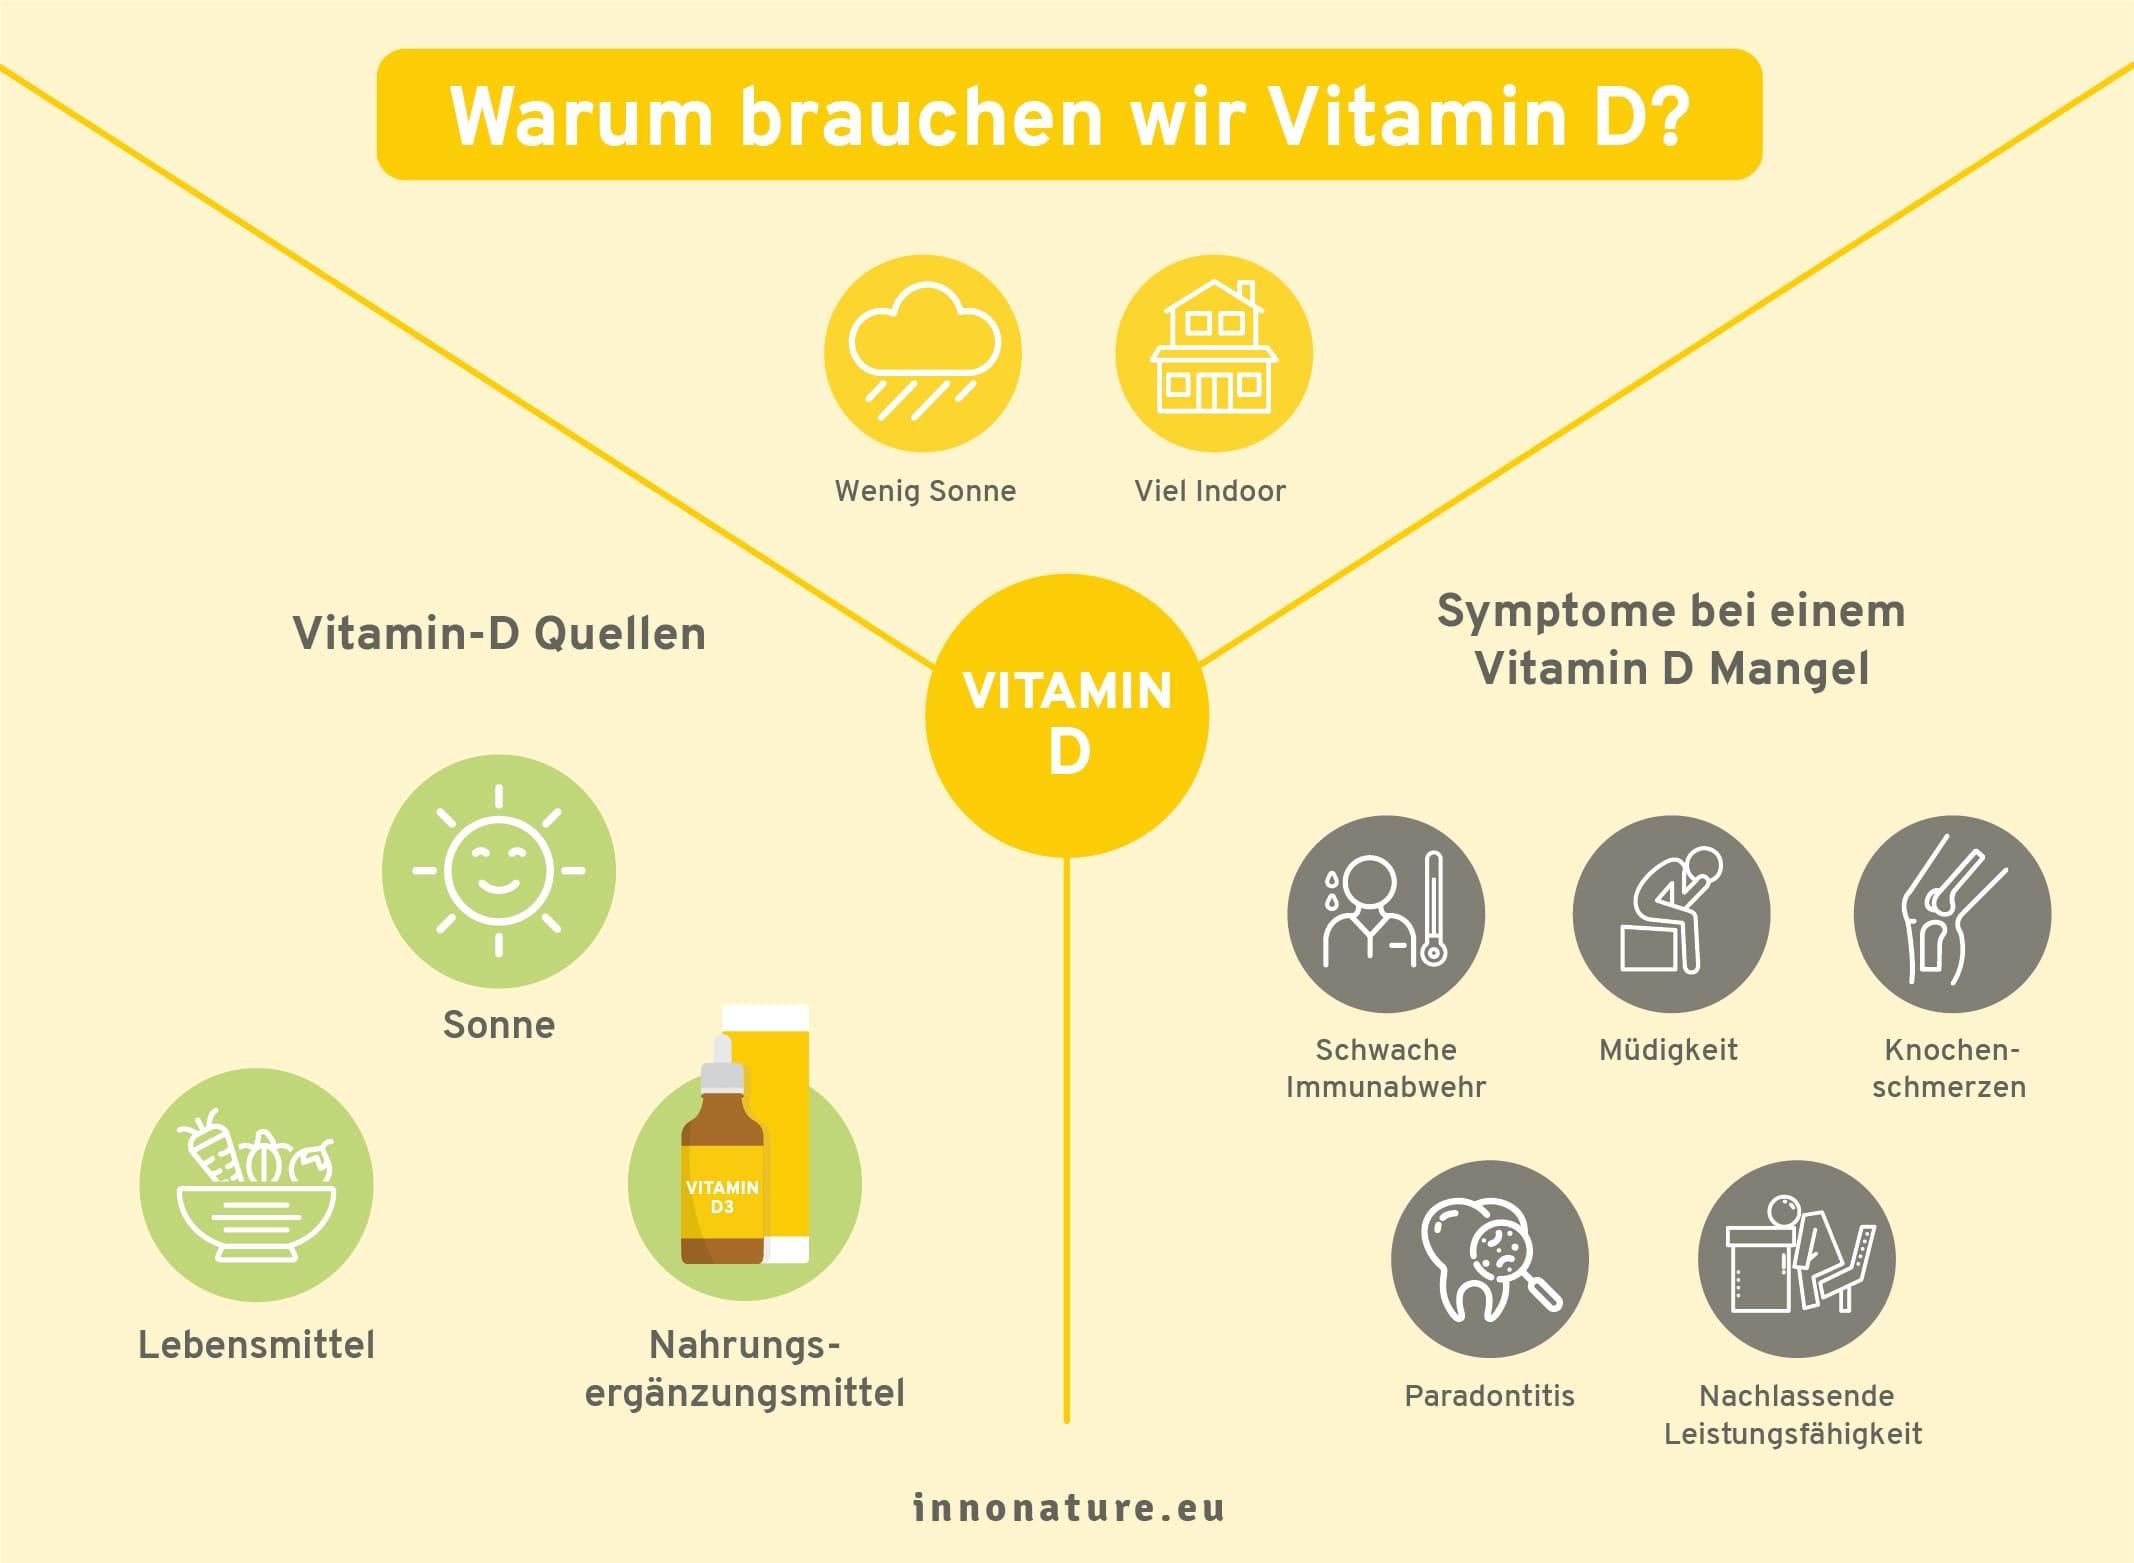 Grafik: Warum brauchen wir das Sonnenvitamin Vitamin D